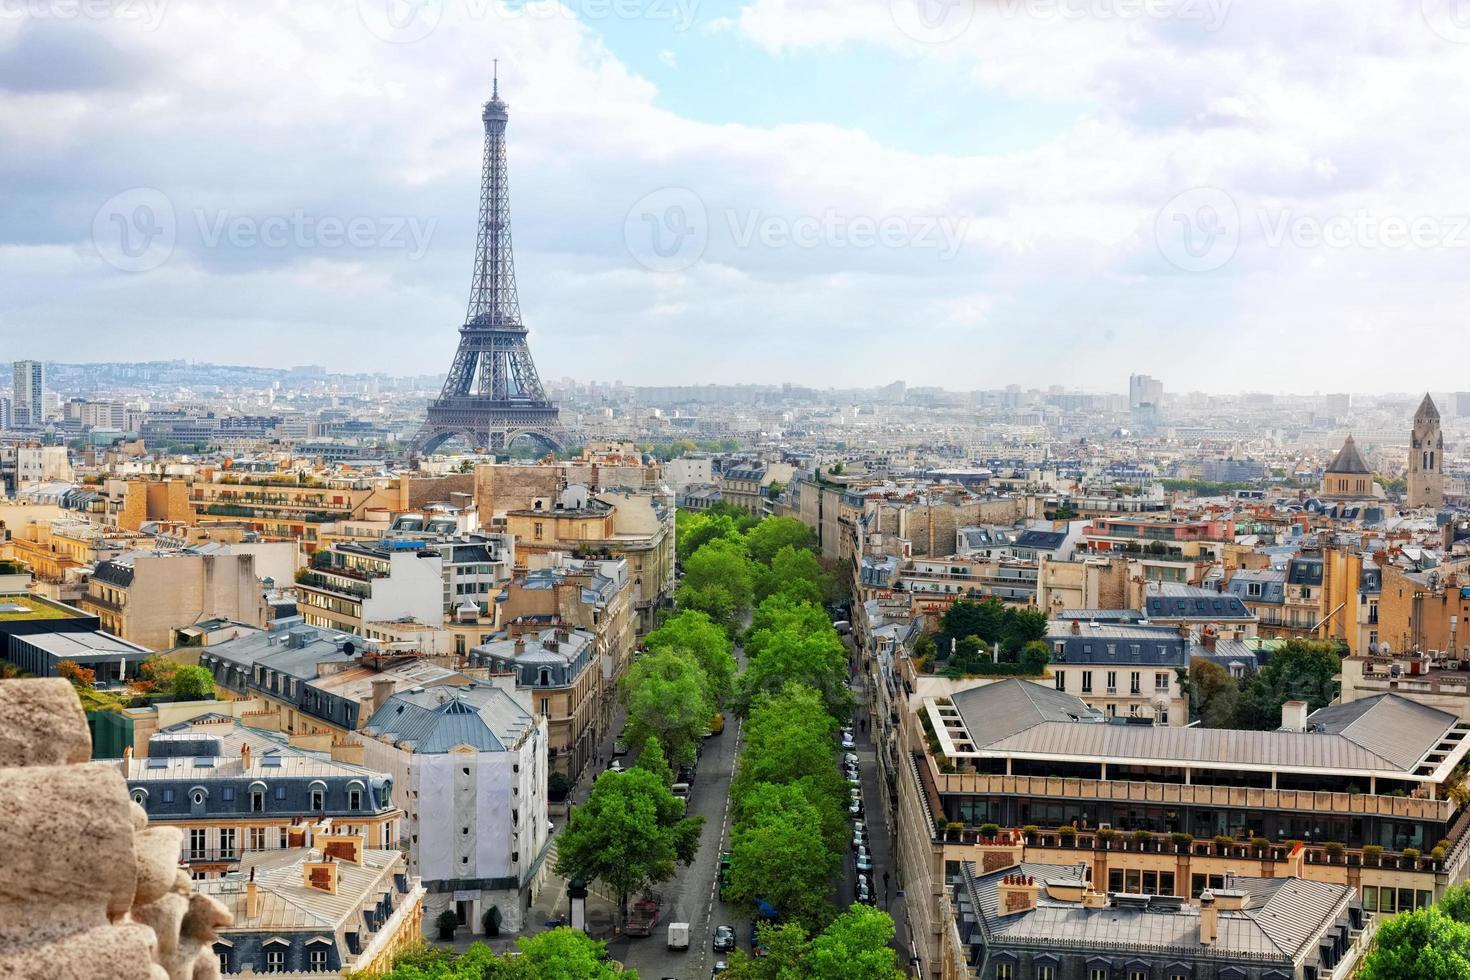 utsikt över Paris från Triumfbågen. .paris. Frankrike. foto